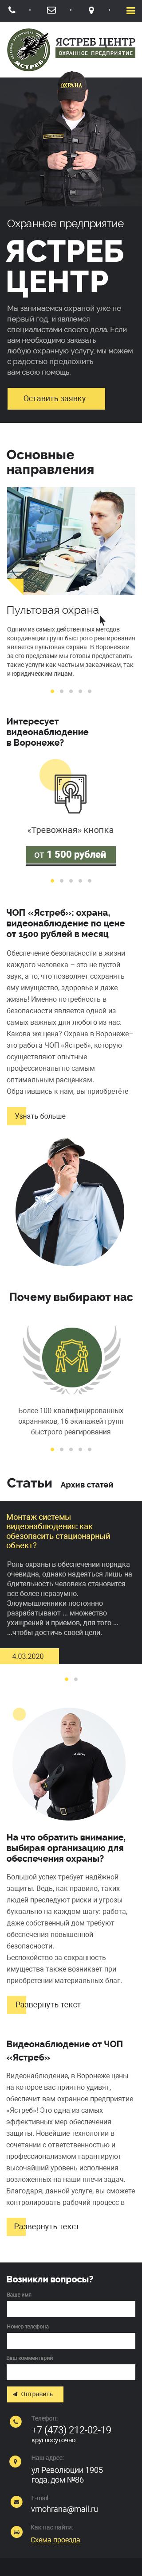 агентства безопасности примеры сайтов Охранная организация Ястреб центр 320 px